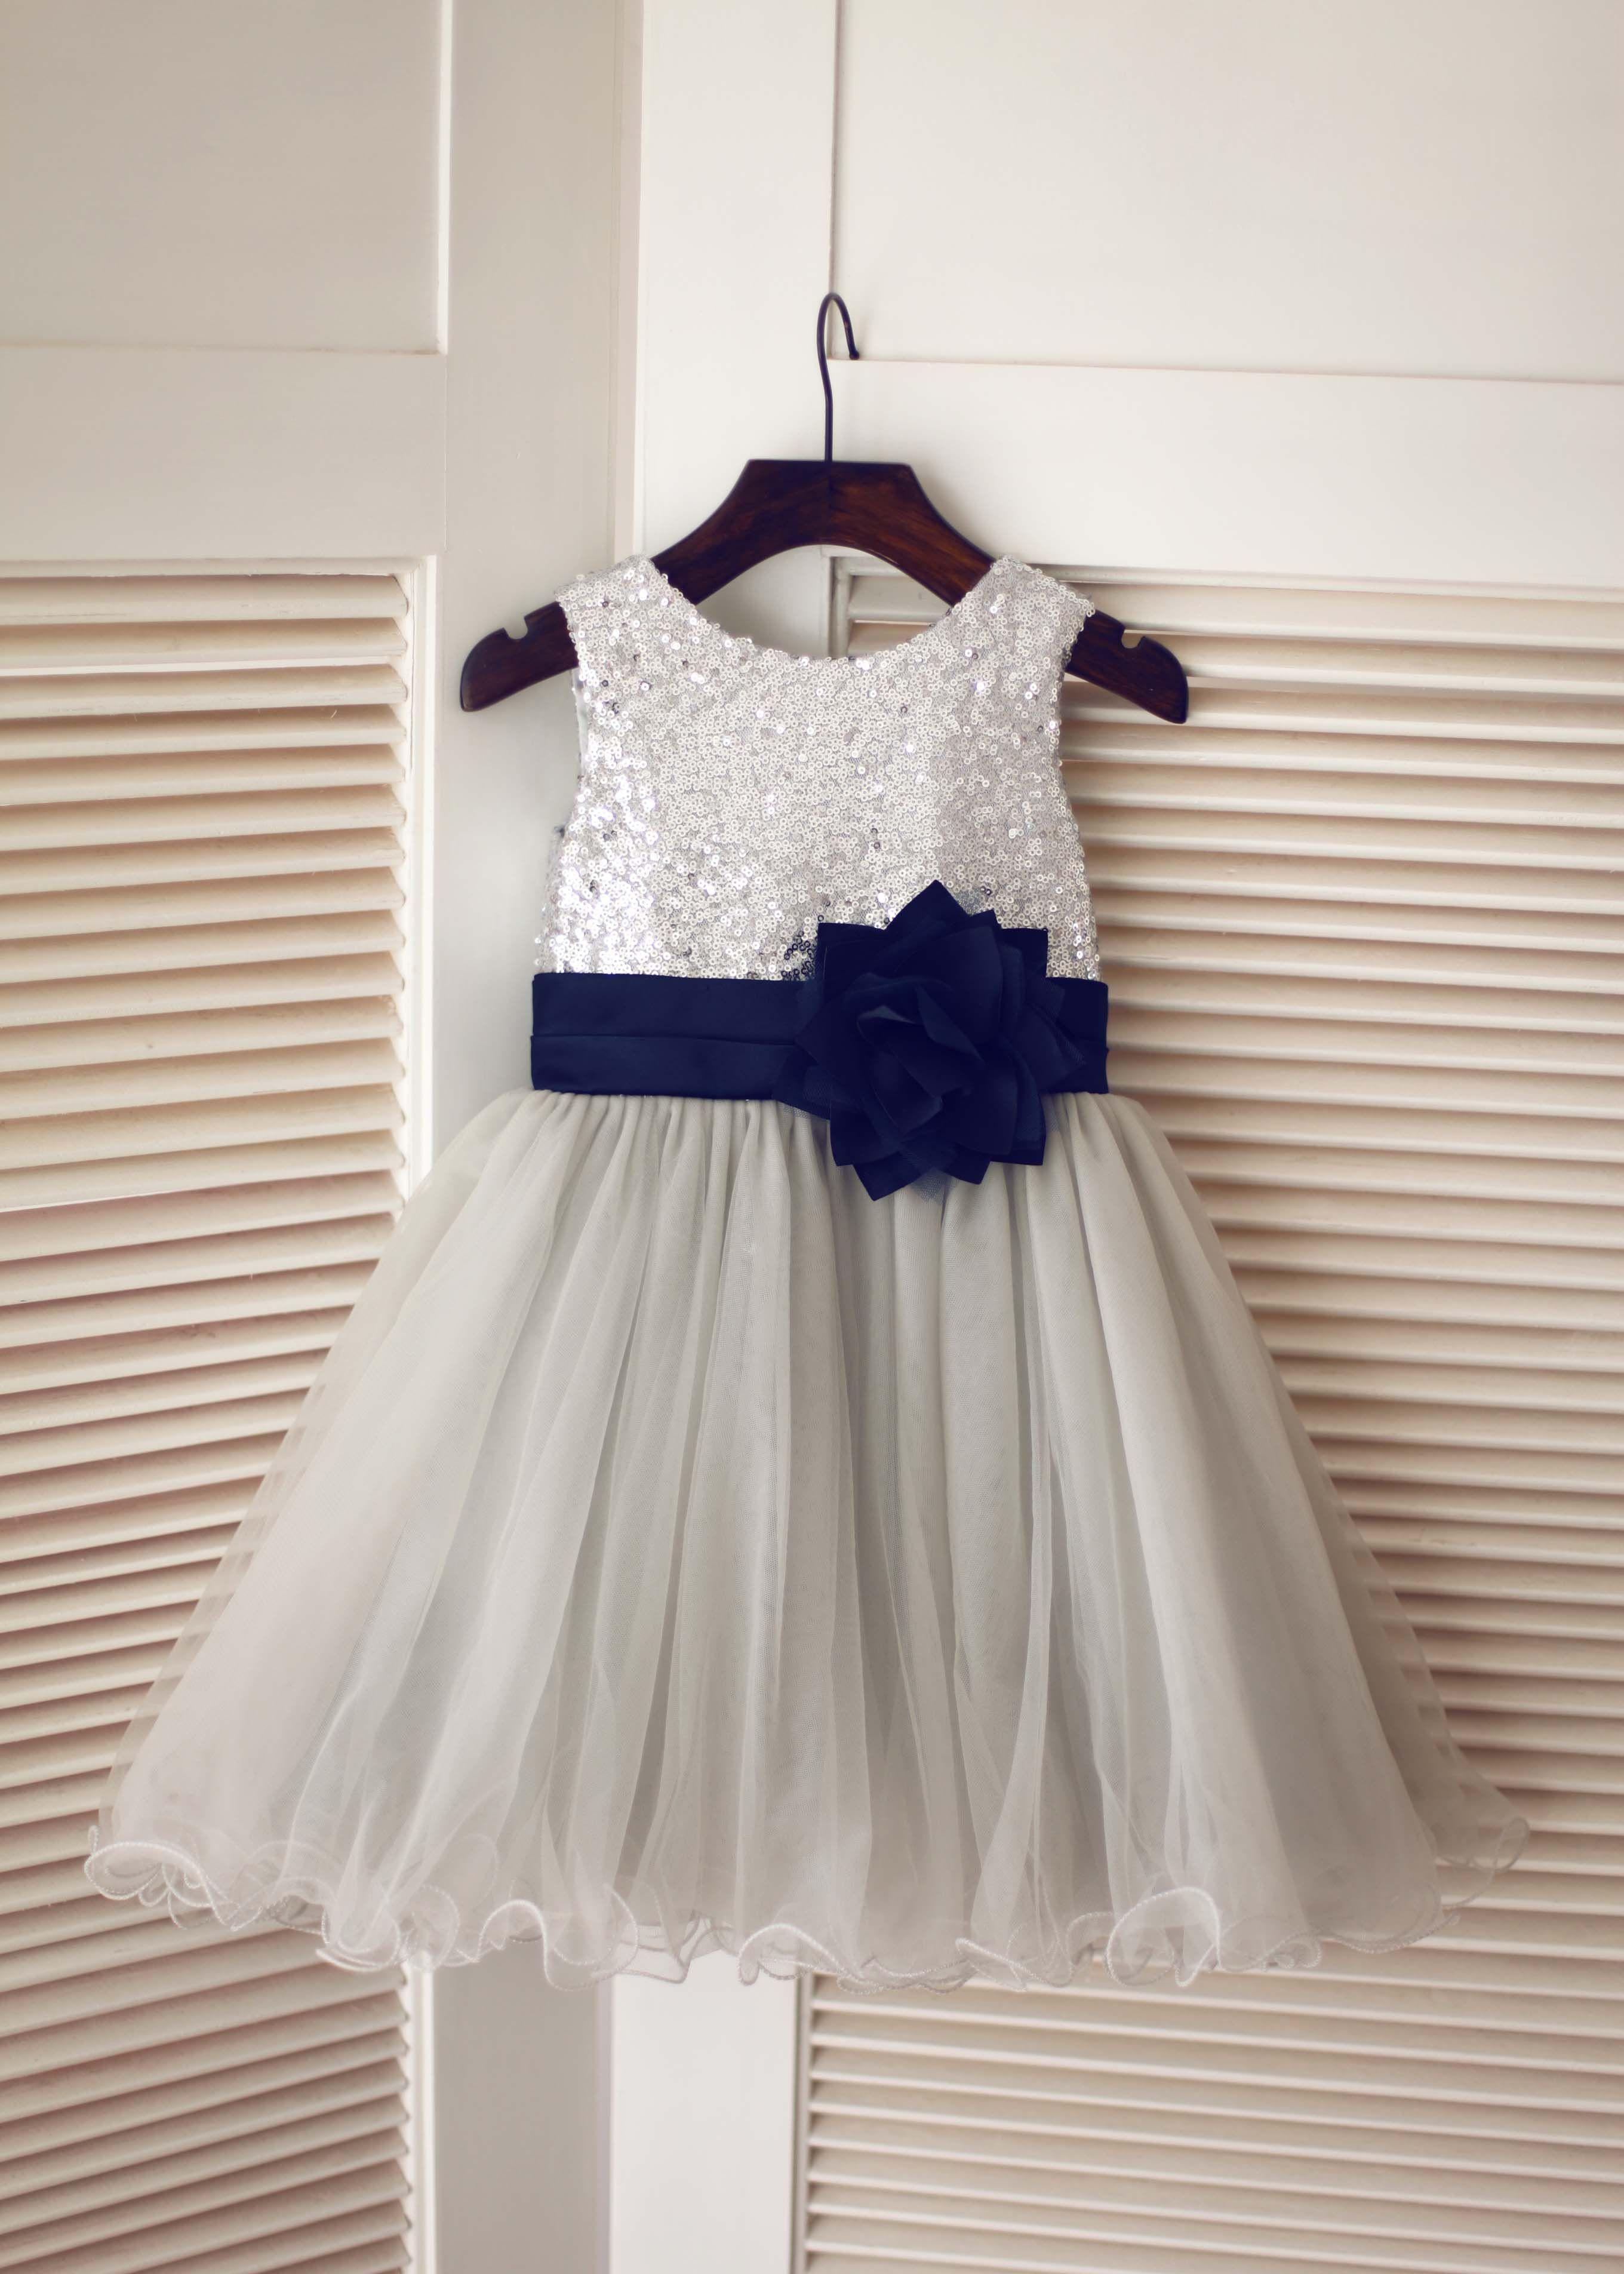 90b42e8e5de Silver Sequin Gray Tulle Curly Hem Knee Length Flower Girl Dress in ...